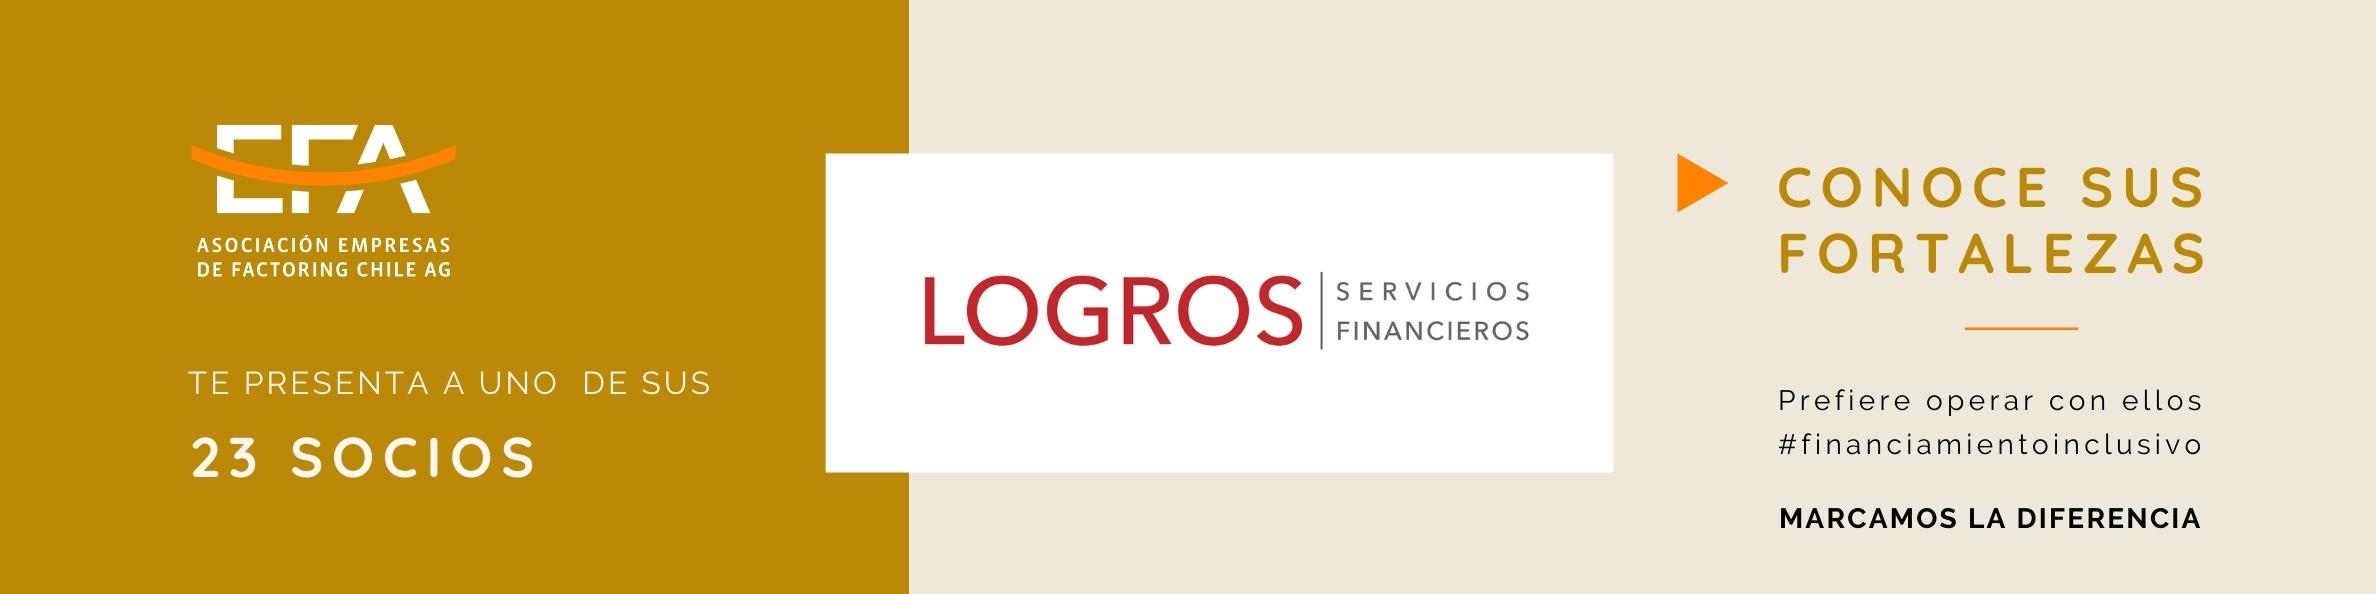 Logros Servicios Financieros